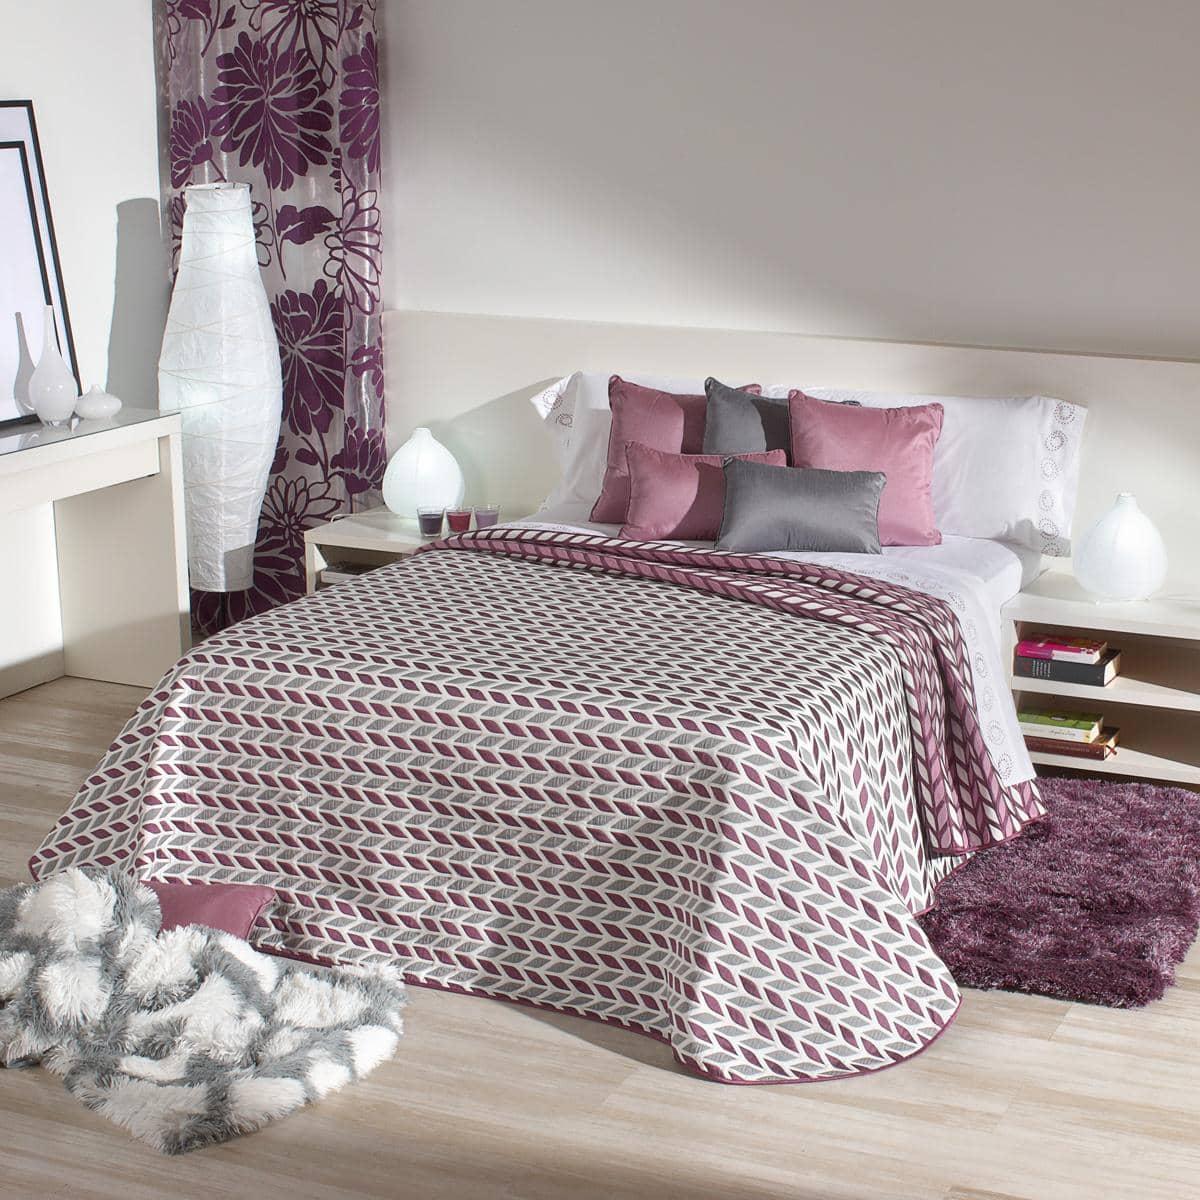 Colchas baratas y bonitas para tu cama colch n expr s - Colchas para sofas baratas ...